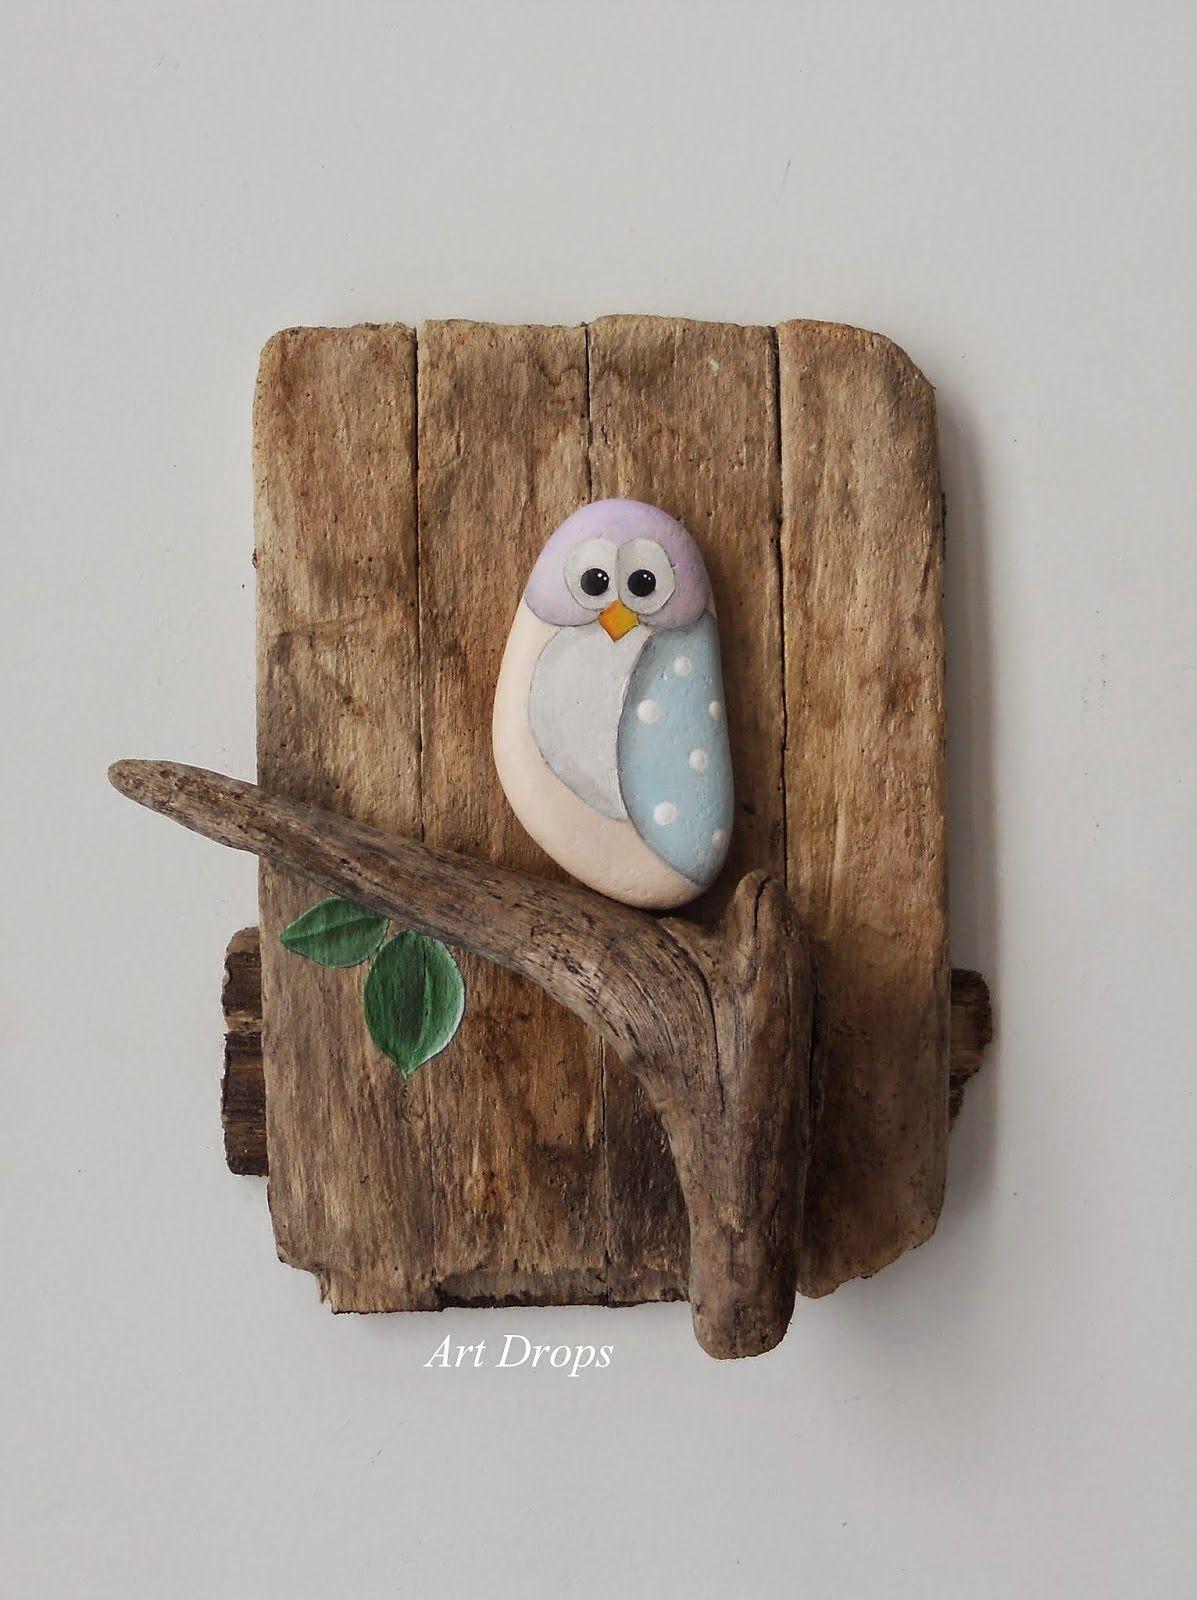 Art Drops: Oslikani predmeti - DRVO - love the art dirft wood items are great